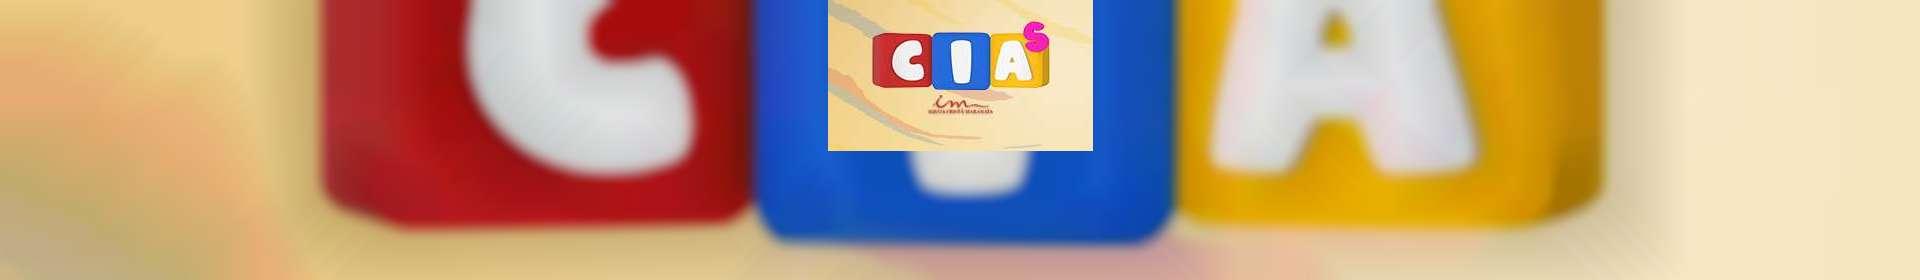 Aula de CIAS: classe de 07 a 11 anos - 28 de maio de 2020